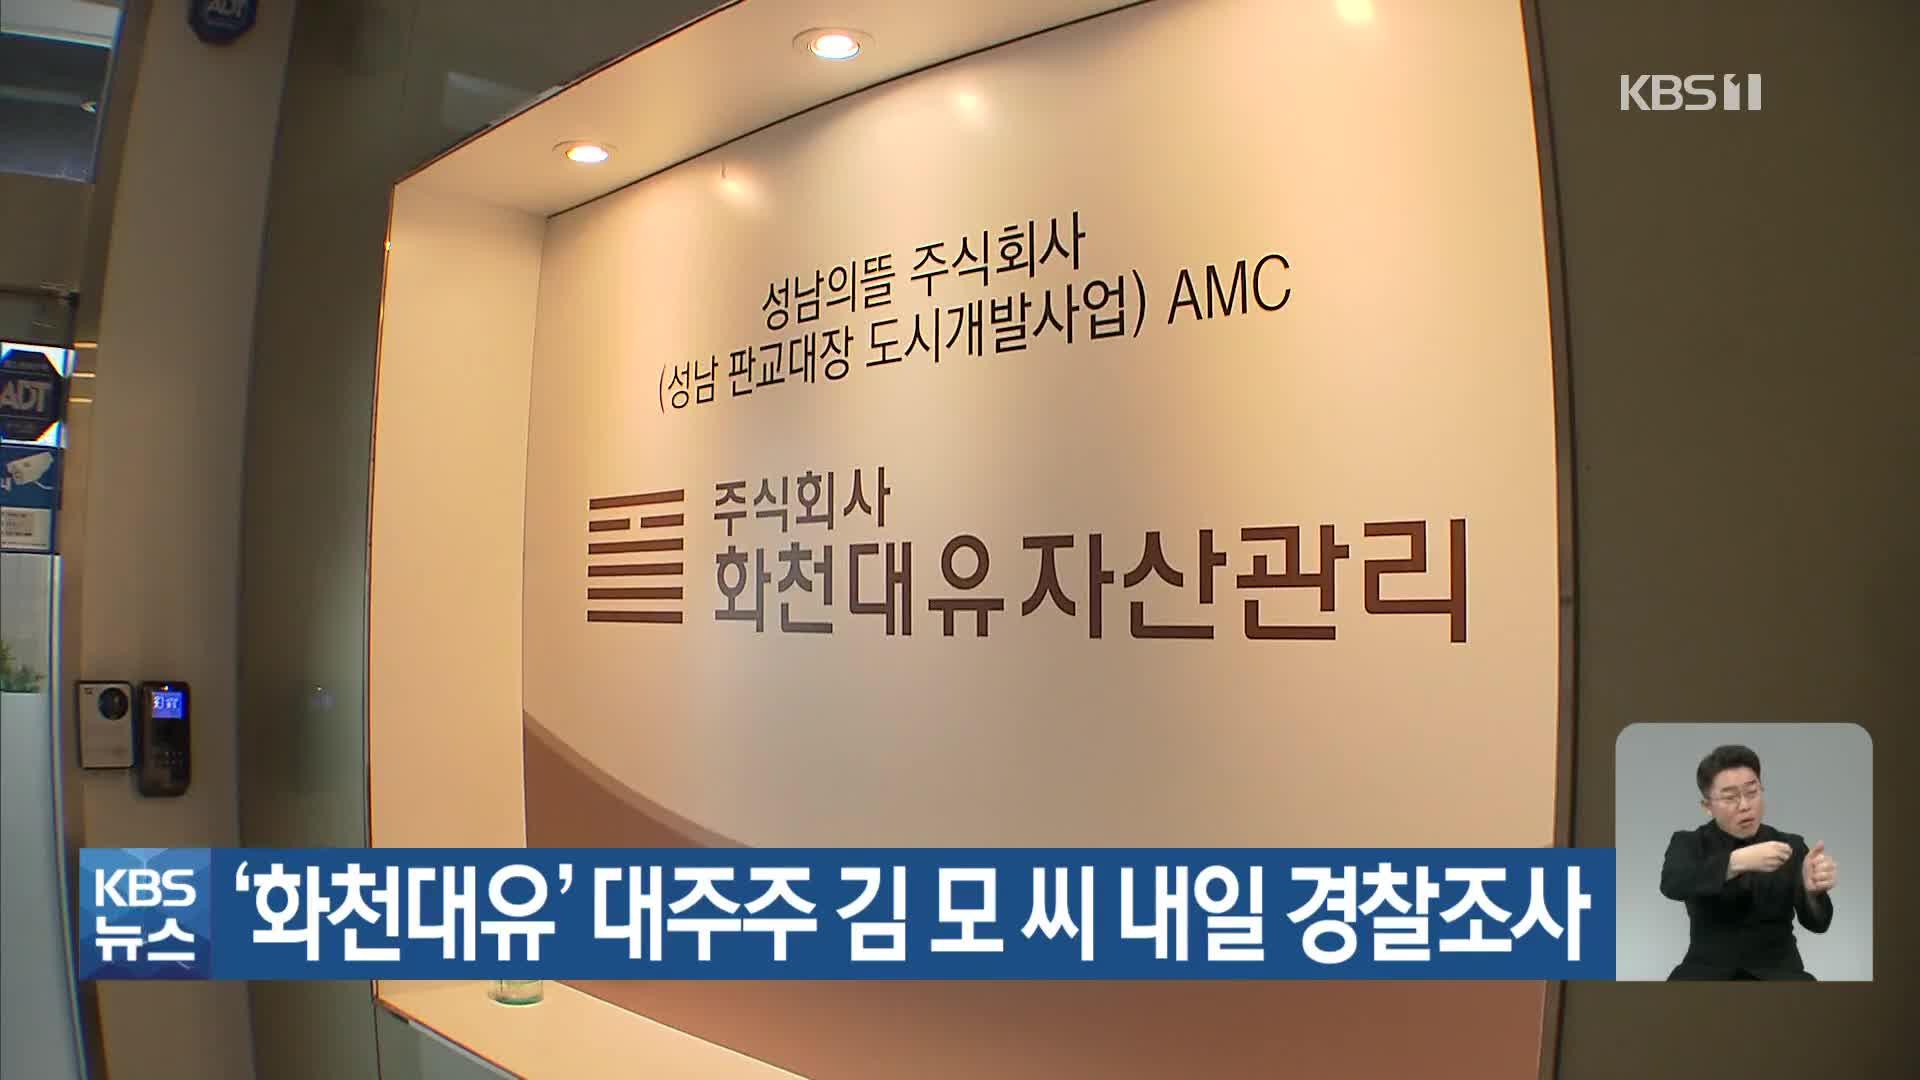 '화천대유' 대주주 김모 씨 내일 경찰 조사